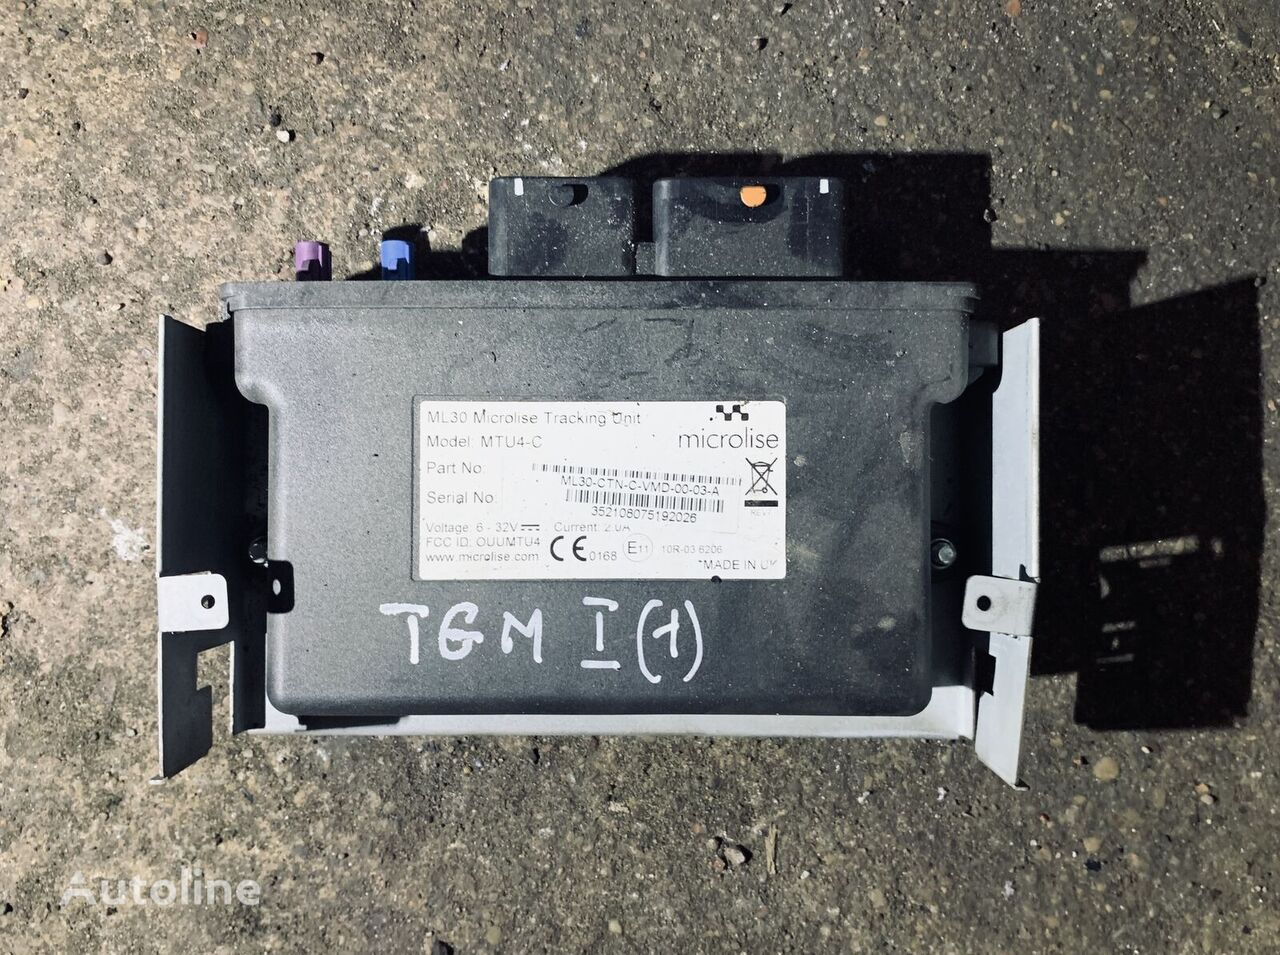 MAN ML30 Microlise Tracking Unit (352108075192026) unidad de control para MAN TGM camión